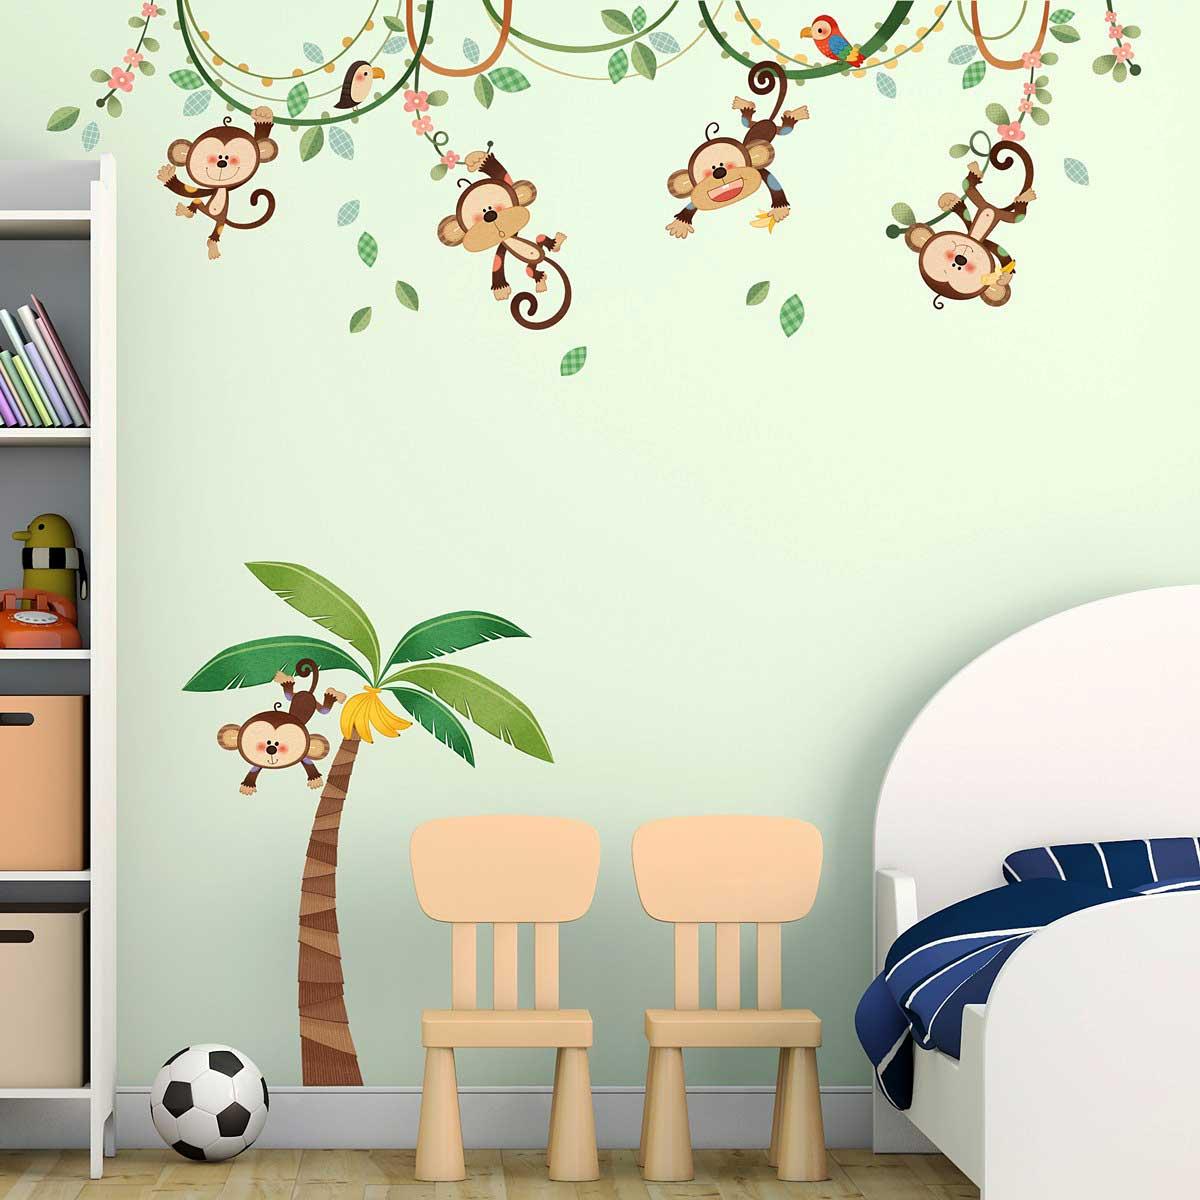 wandsticker kinderzimmer junge kinderzimmer junge 55 wandgestaltung ideen wandsticker. Black Bedroom Furniture Sets. Home Design Ideas